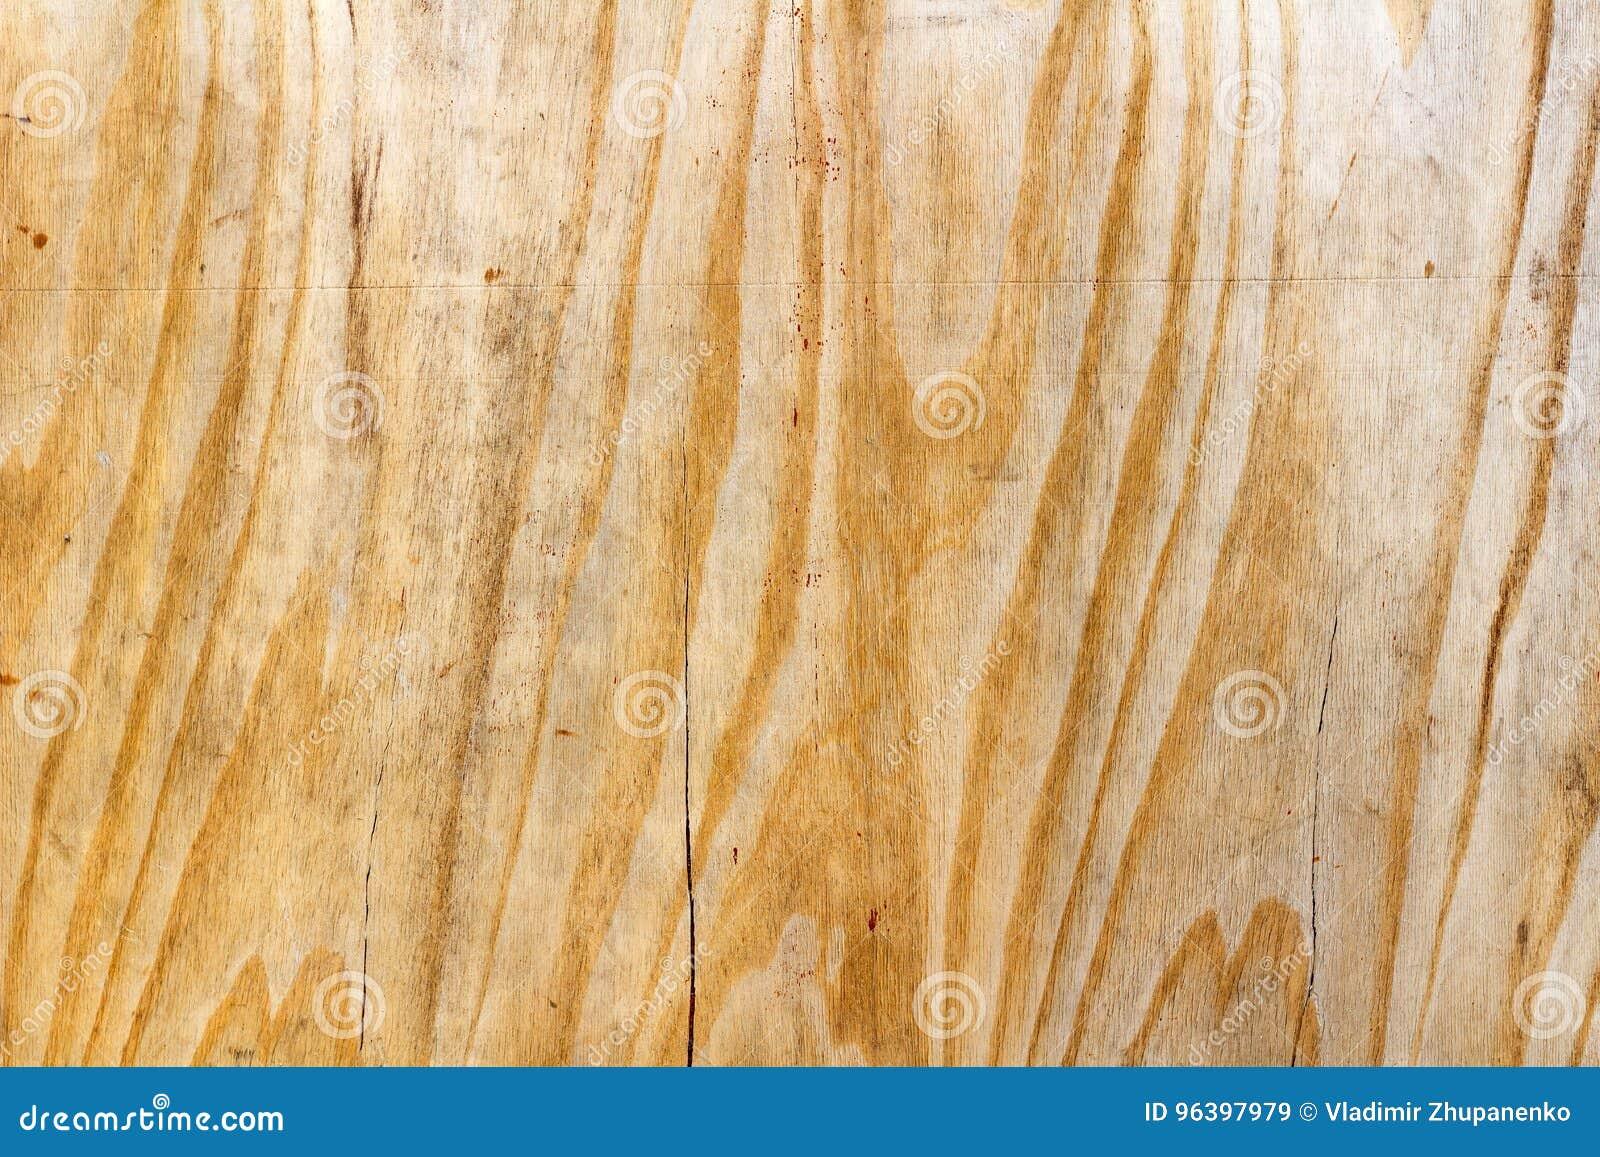 surface ray e d 39 une feuille de contreplaqu de bouleau texture en bois naturelle abr gez le fond. Black Bedroom Furniture Sets. Home Design Ideas